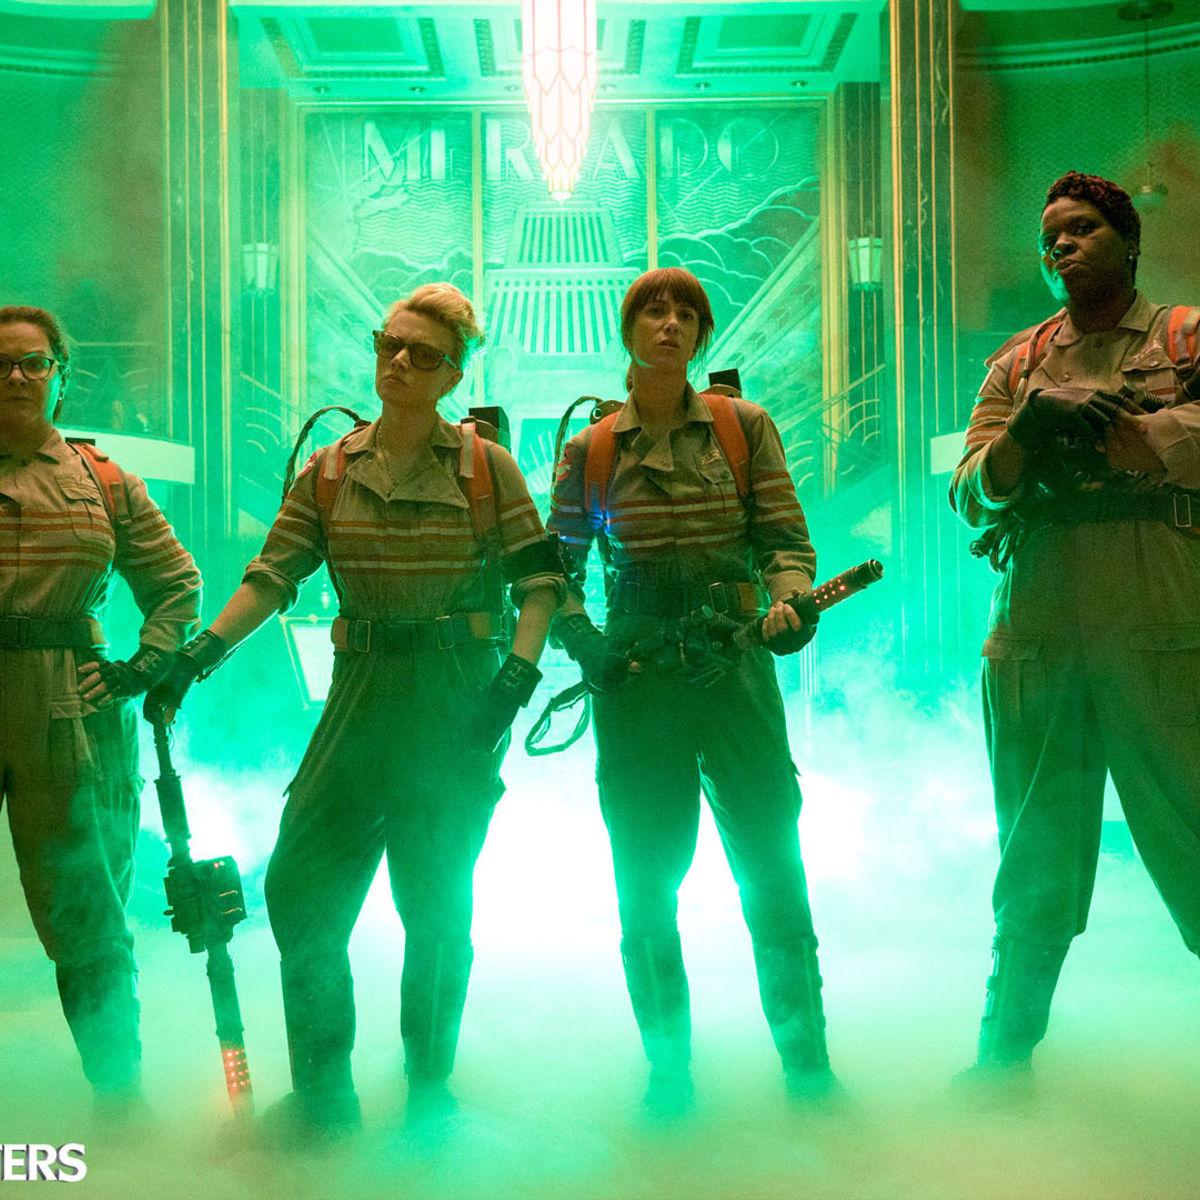 ghostbusters_2016_image_009.jpg